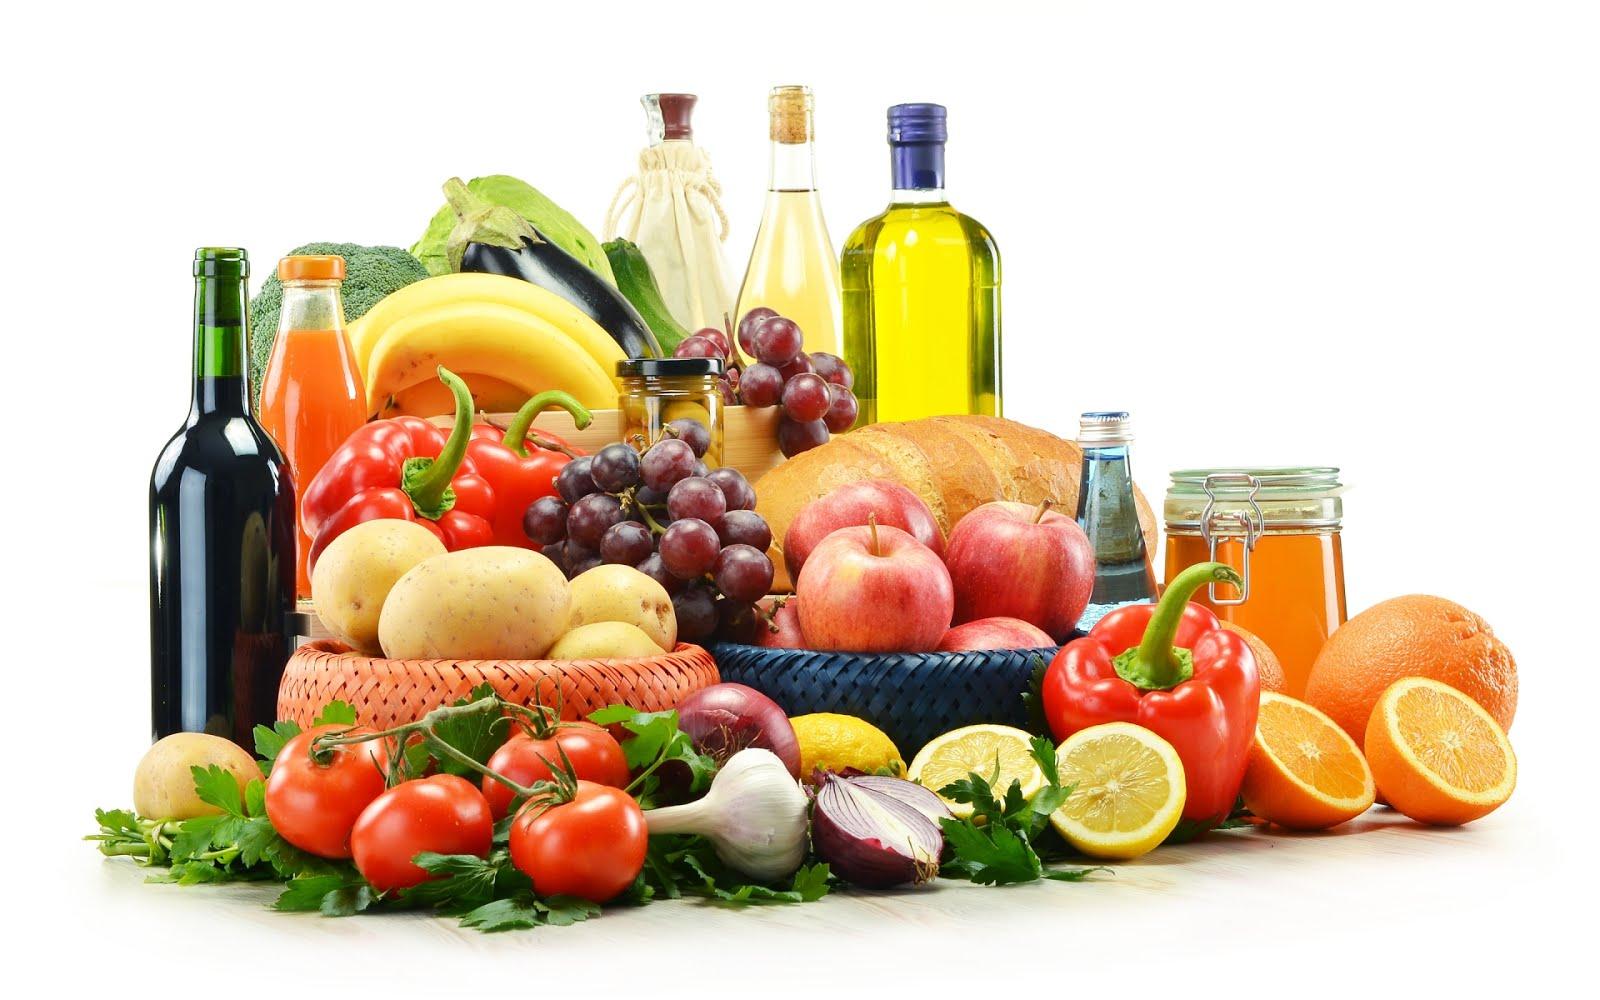 El gusto es un proceso neurobiológico altamente complejo influenciado por muchos factores, (genes, edad, experiencia).